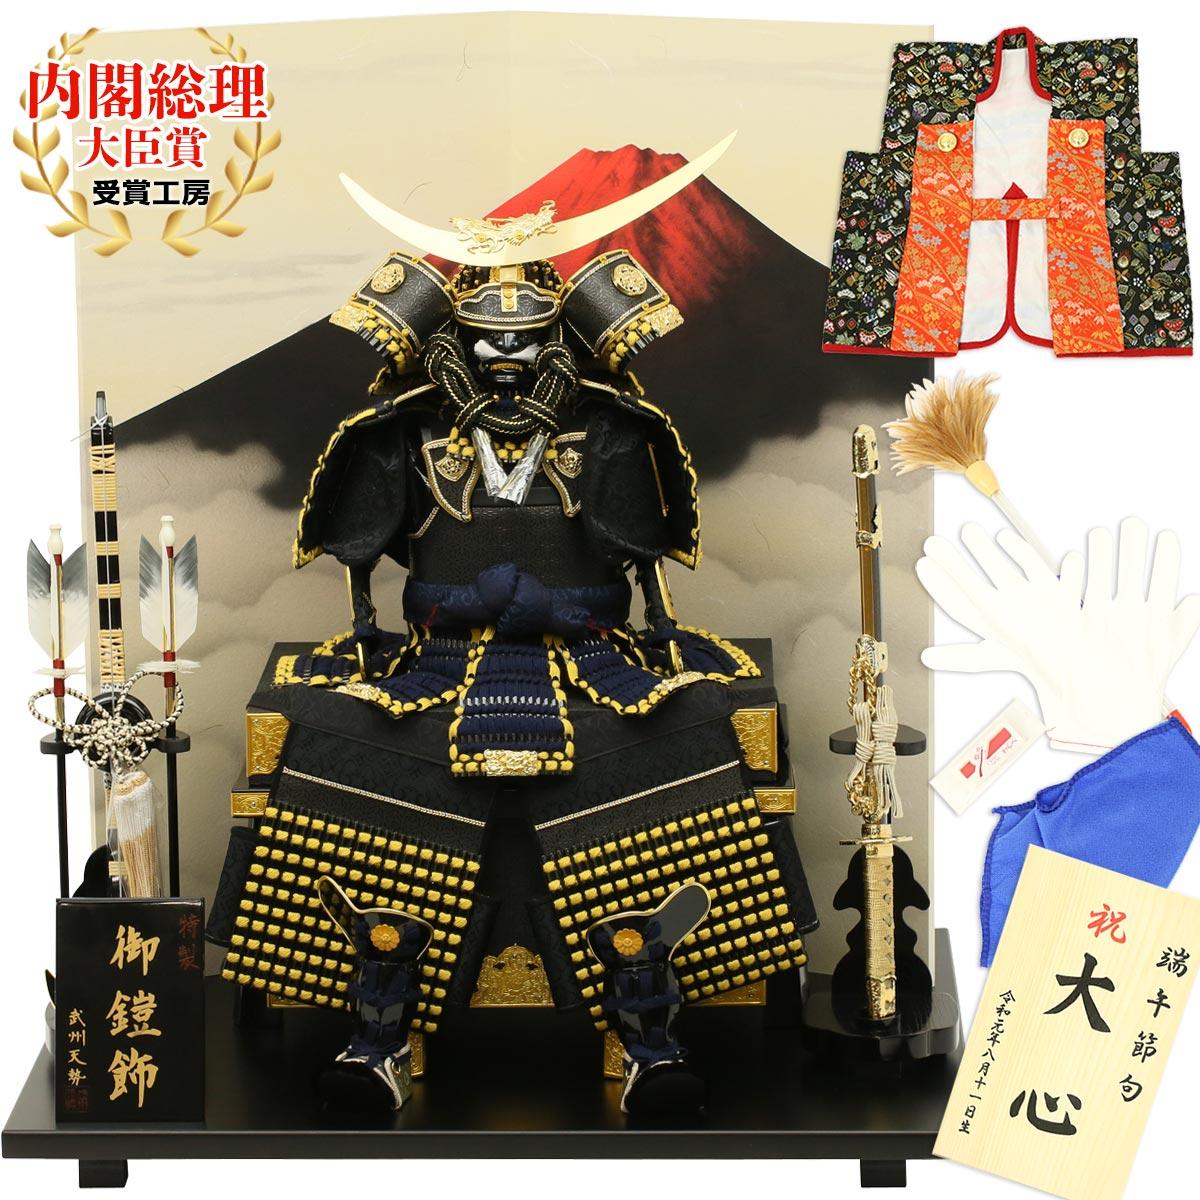 五月人形 鎧 8号 鎧飾り 人形工房天祥オリジナル 伊達政宗 鎧 赤富士屏風飾り